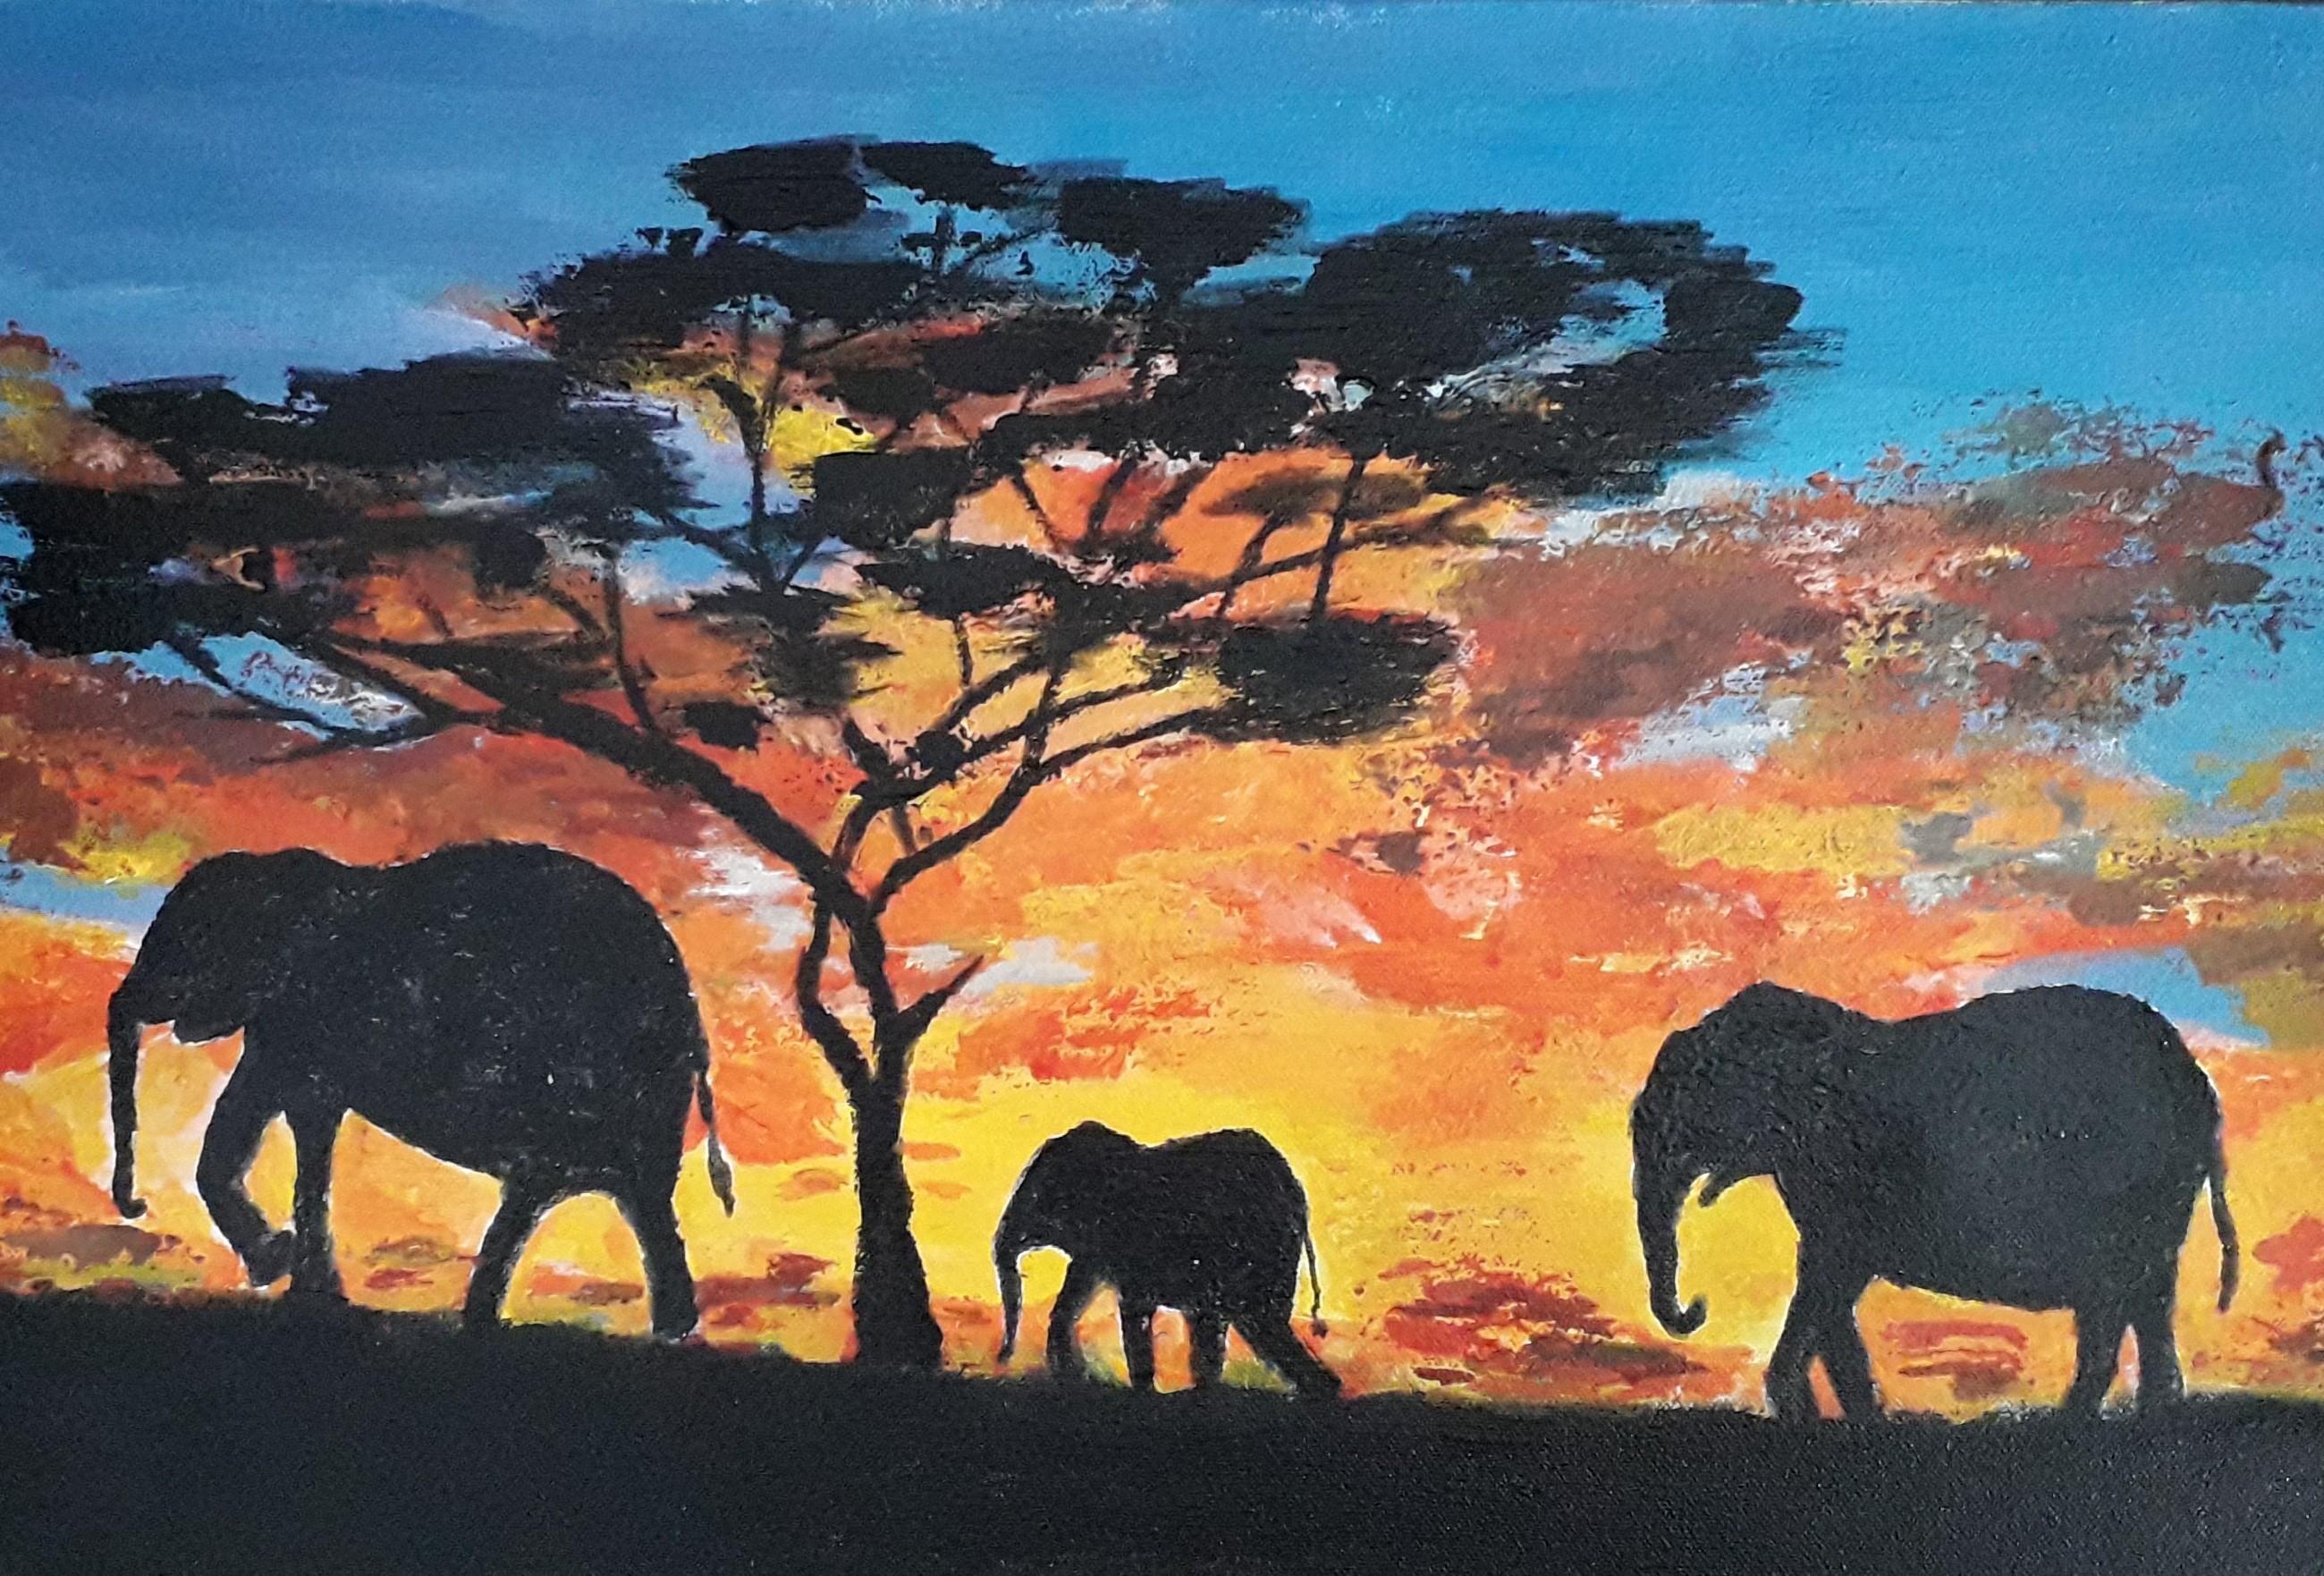 Papa  - Mumma - Baby Elephants by Simpson David